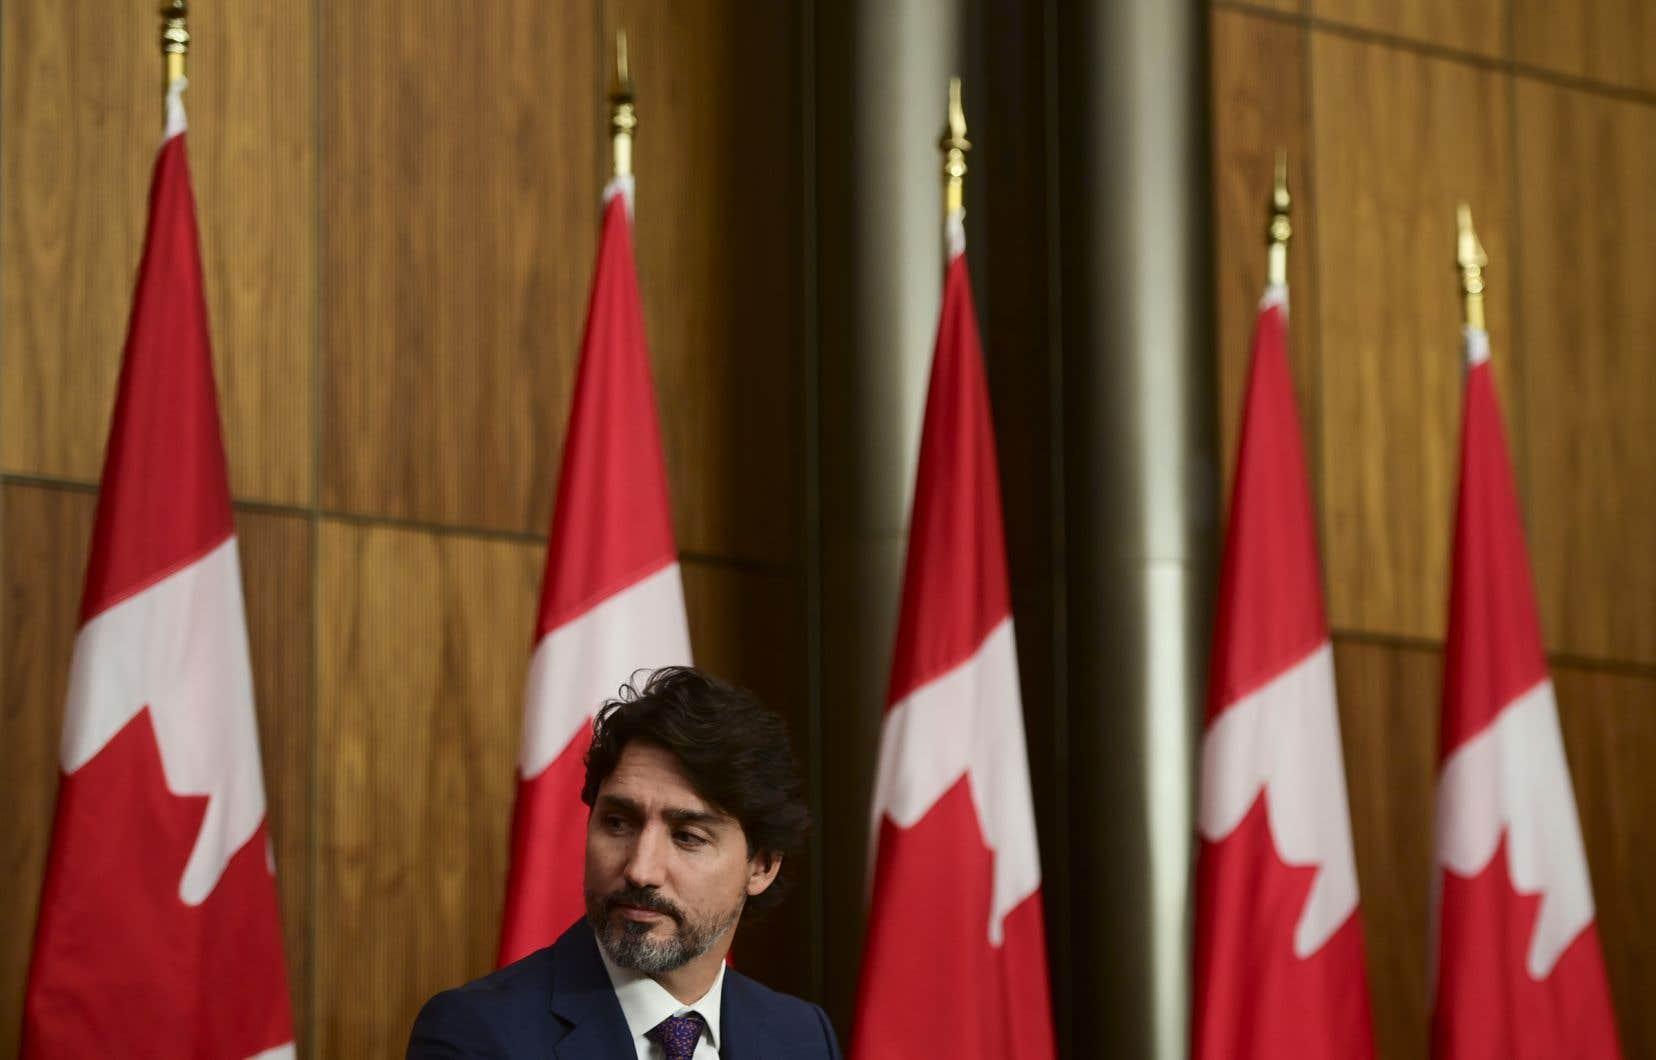 «Les politiciens du gouvernement Trudeau, comme du gouvernement Harper, sont à la recherche de «produits» à «livrer» rapidement. La bureaucratie les conditionne et les met en œuvre pour que l'opinion publique constate l'efficacité de l'action gouvernementale», écrit l'auteur.